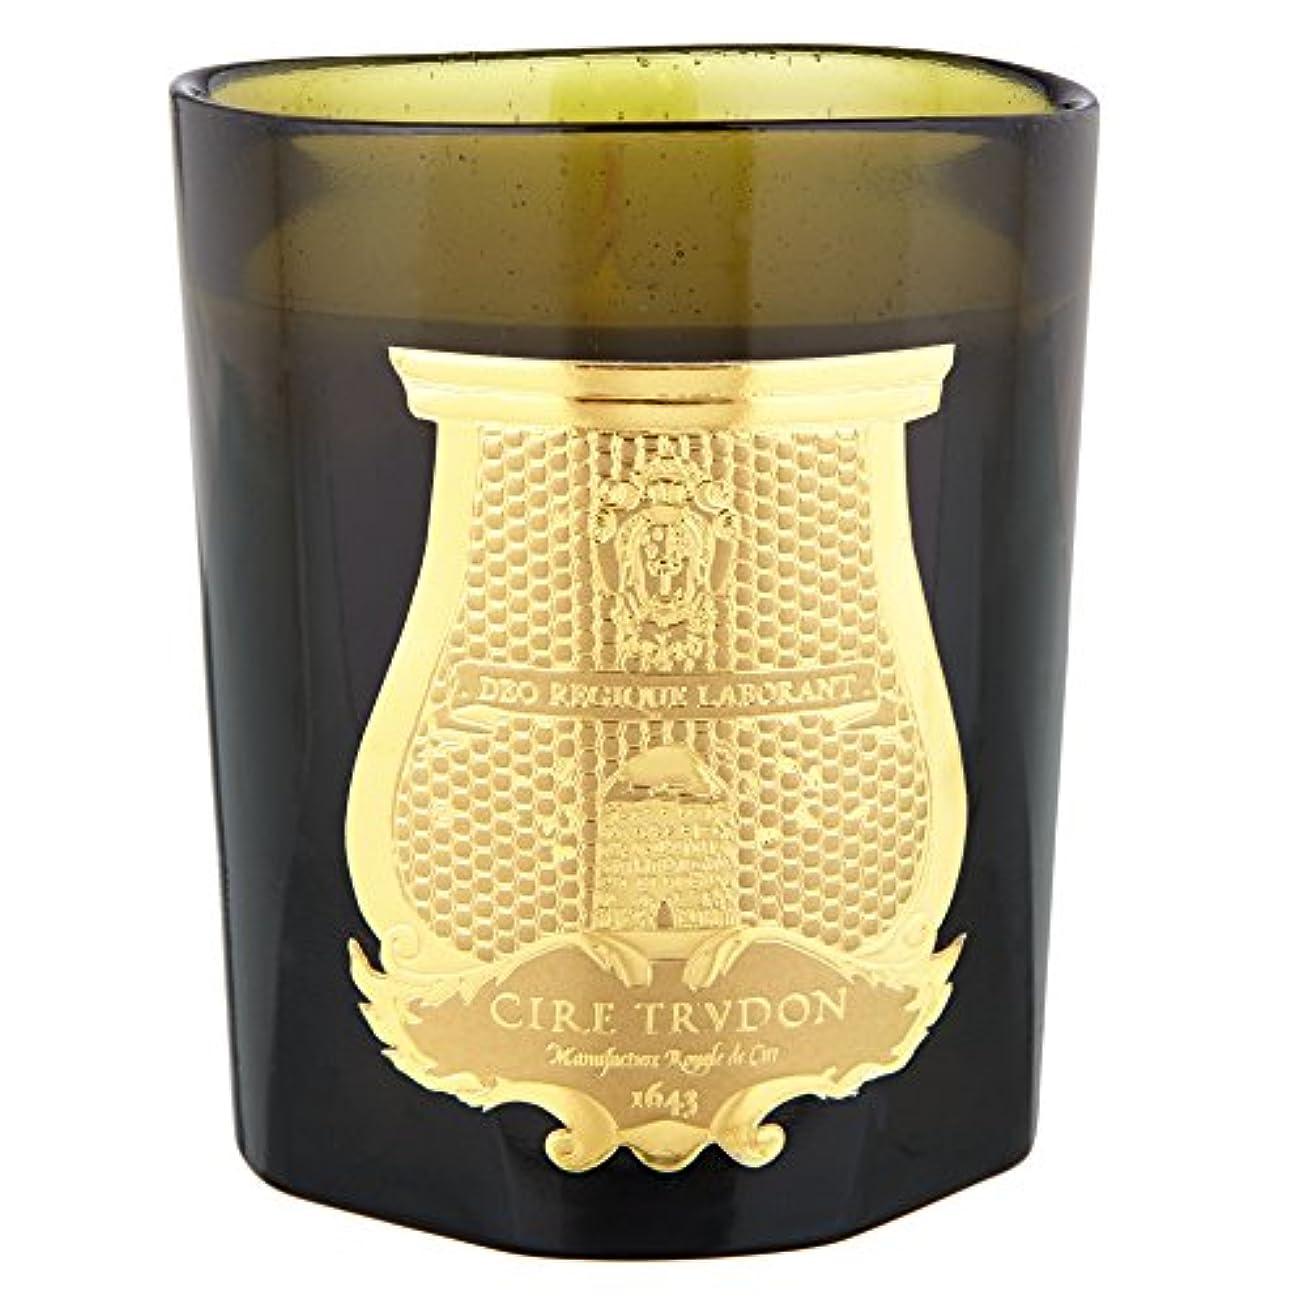 忌まわしいアボートパイプCire Trudonオダリスク香りのキャンドル (Cire Trudon) - Cire Trudon Odalisque Scented Candle [並行輸入品]